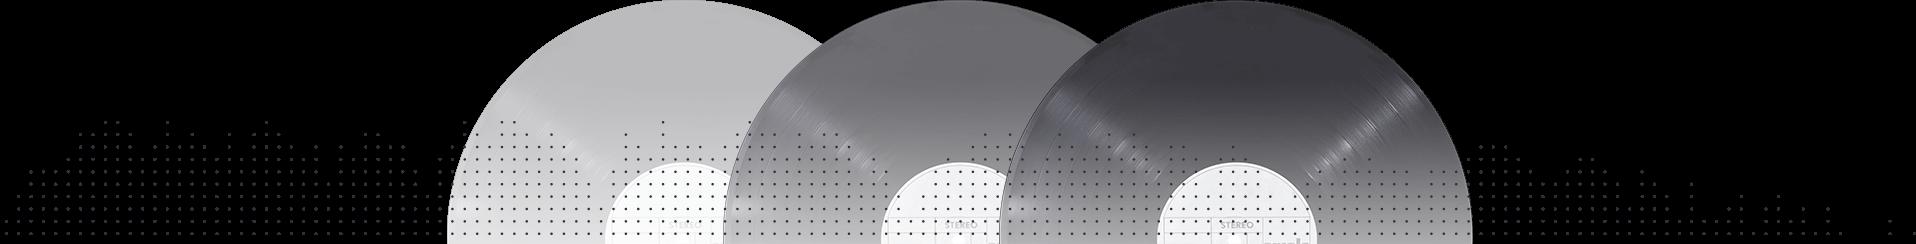 music-records-audio-art-galleries